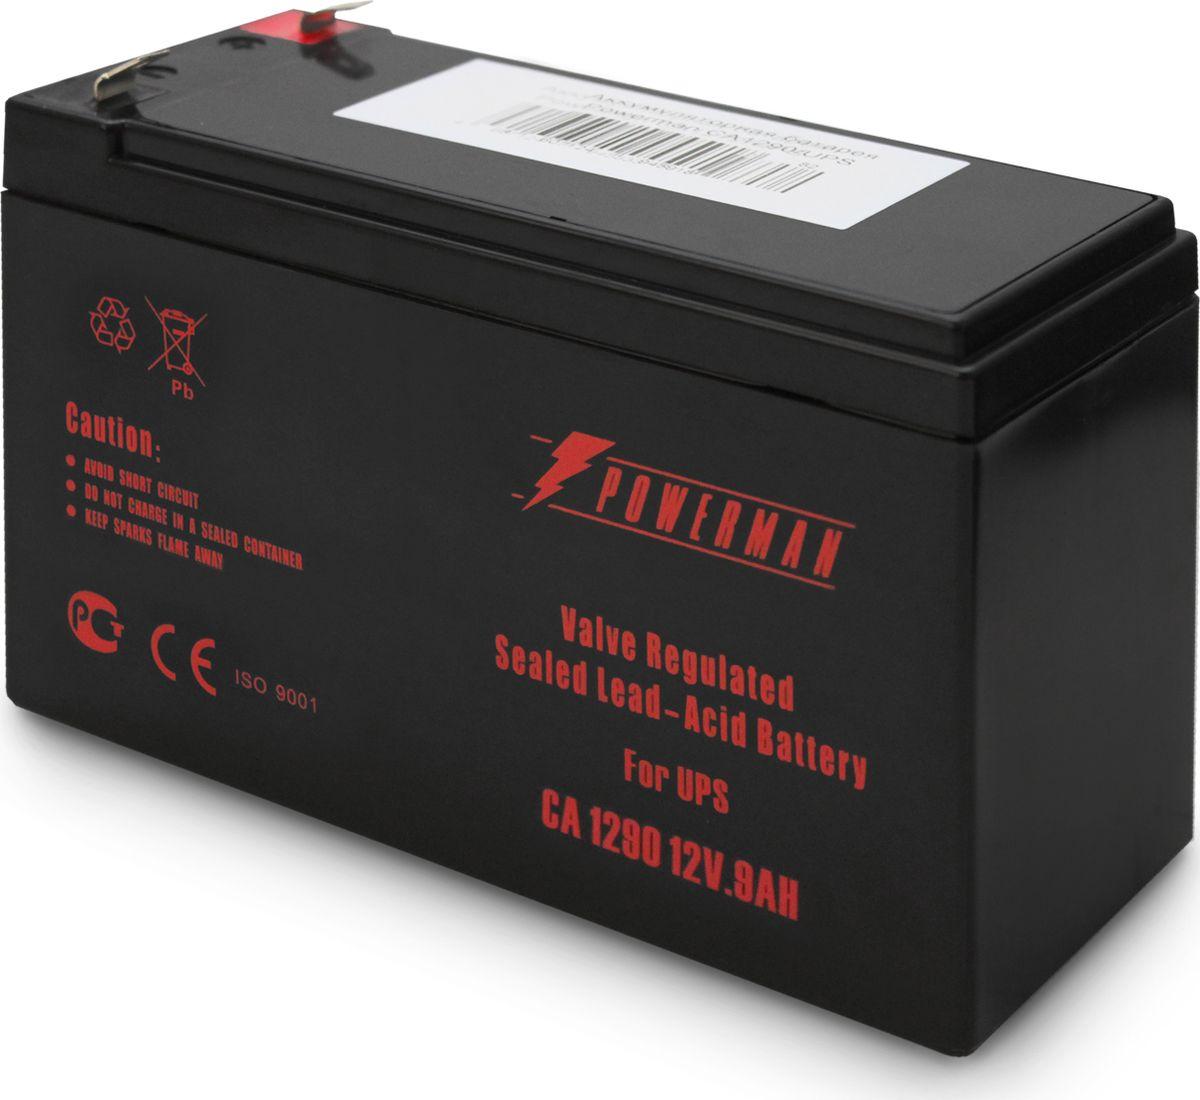 Аккумулятор Powerman CA1290/UPS, 9000 мАч батарея powerman ca1290 pm ups 12v 9ah